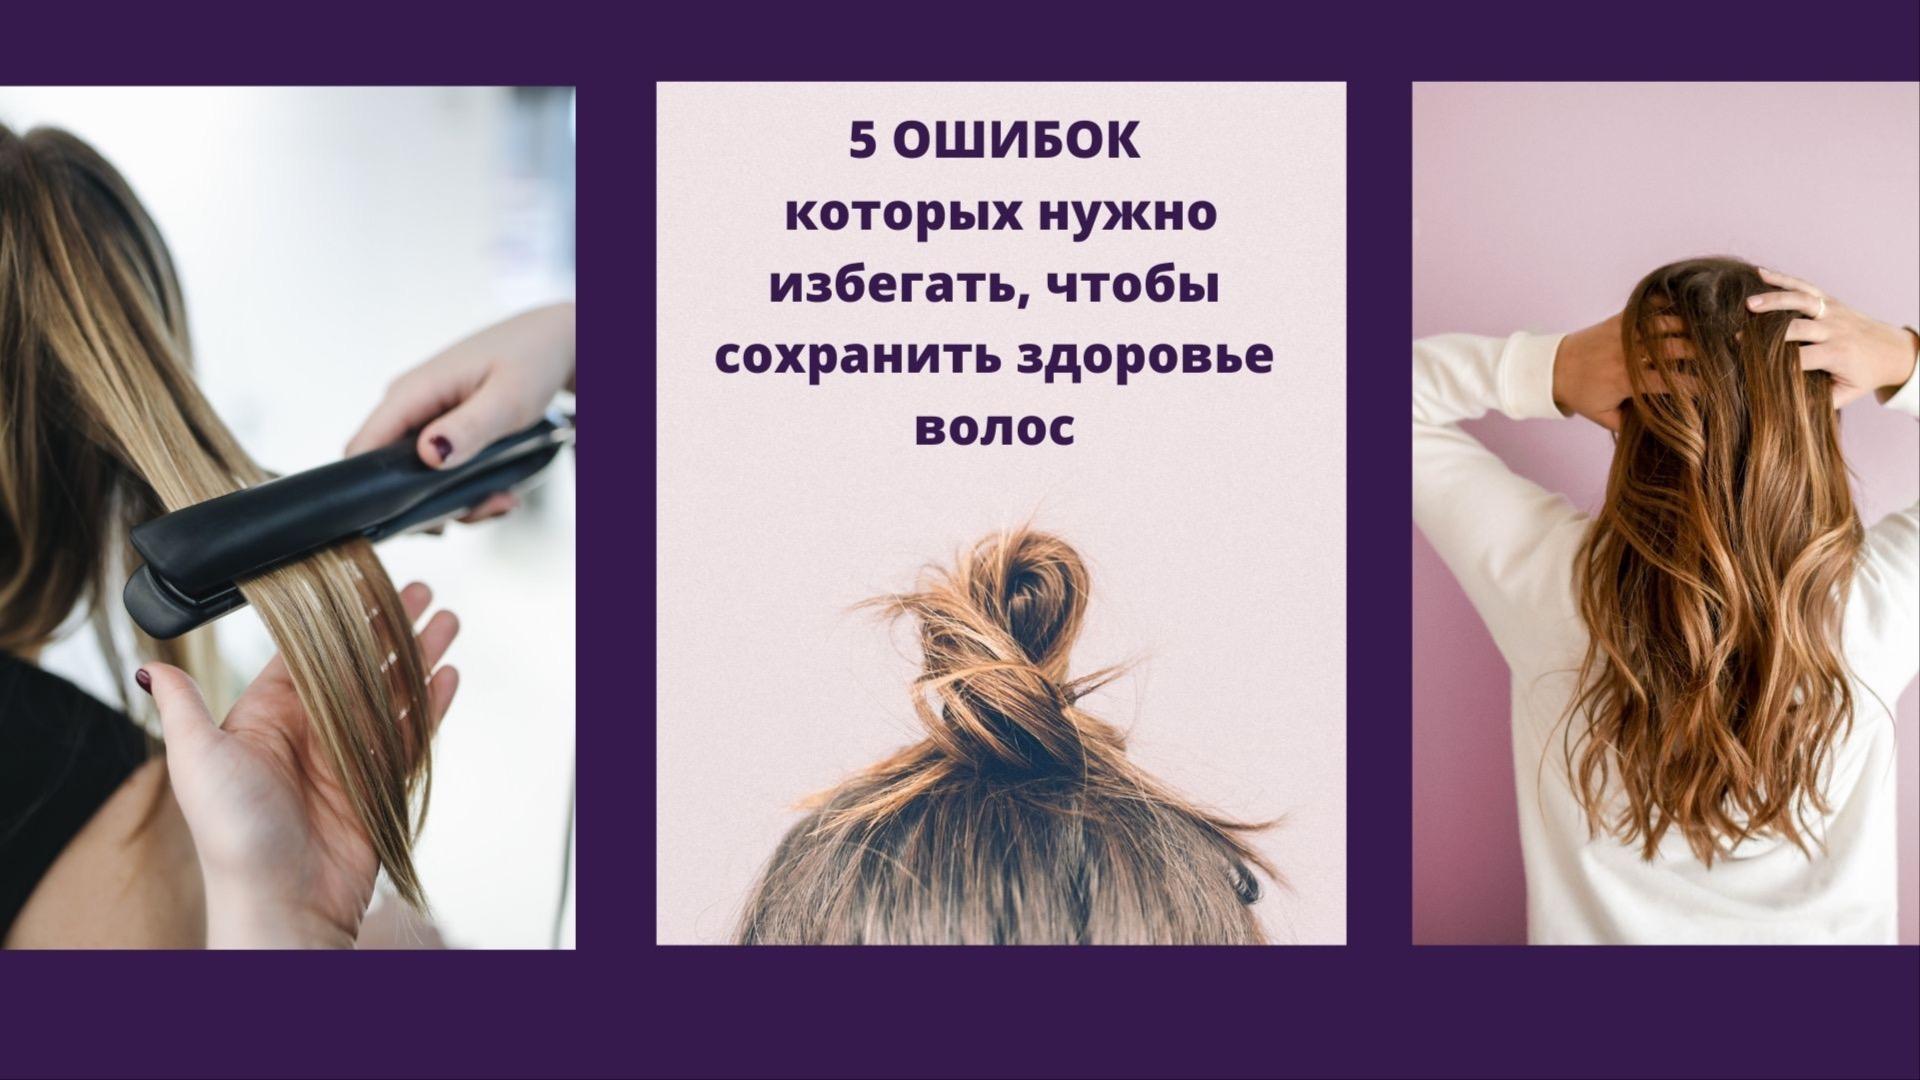 5 ОШИБОК  которых нужно избегать, чтобы сохранить здоровье волос